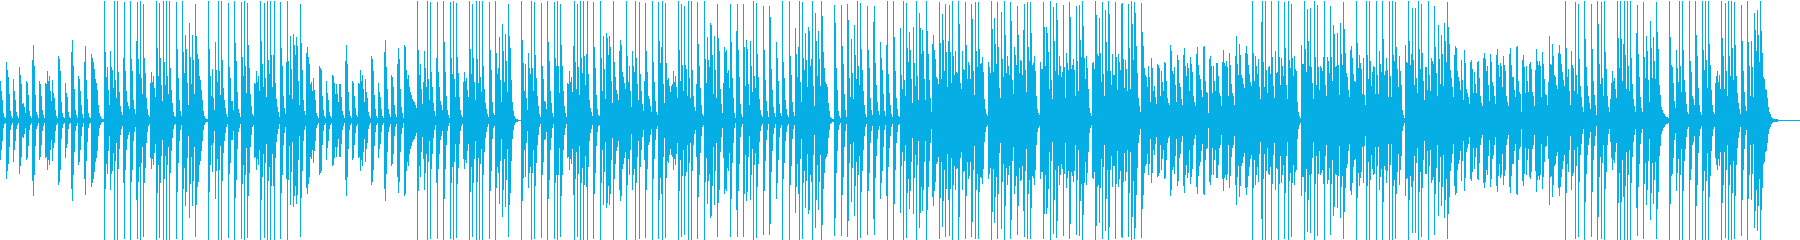 ほんわかしたゆるいピアノとマリンバ主体のの再生済みの波形